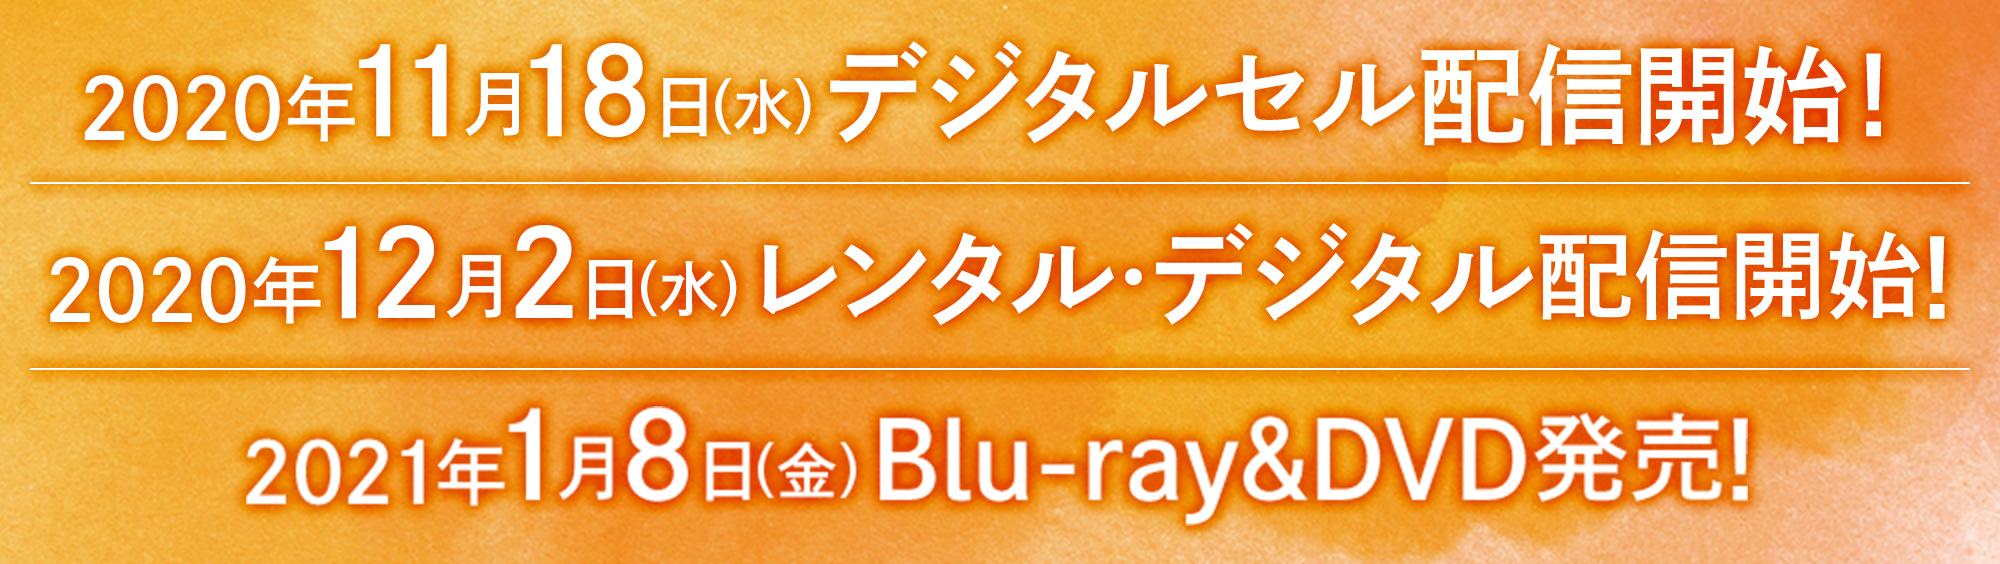 2020年11月18日(水)デジタルセル配信開始! 2020年12月2日(水)レンタル・デジタル配信開始! 2021年1月8日(金)Blu-ray&DVD発売!